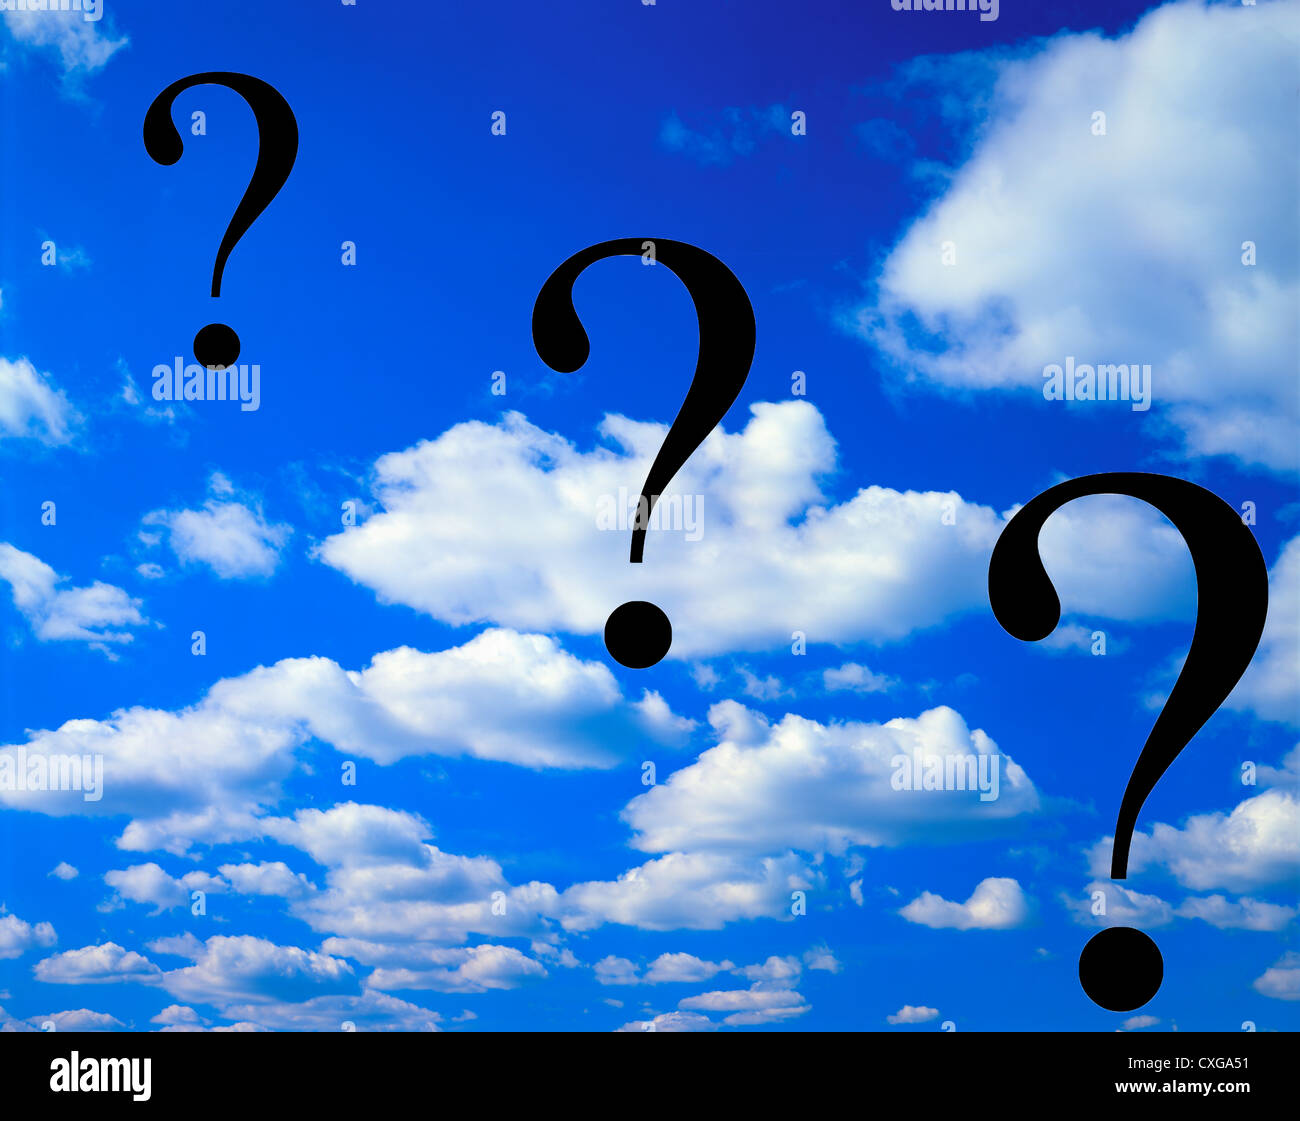 Konzept der blauen Himmel und weiße Wolken mit 3 Fragezeichen Stockbild